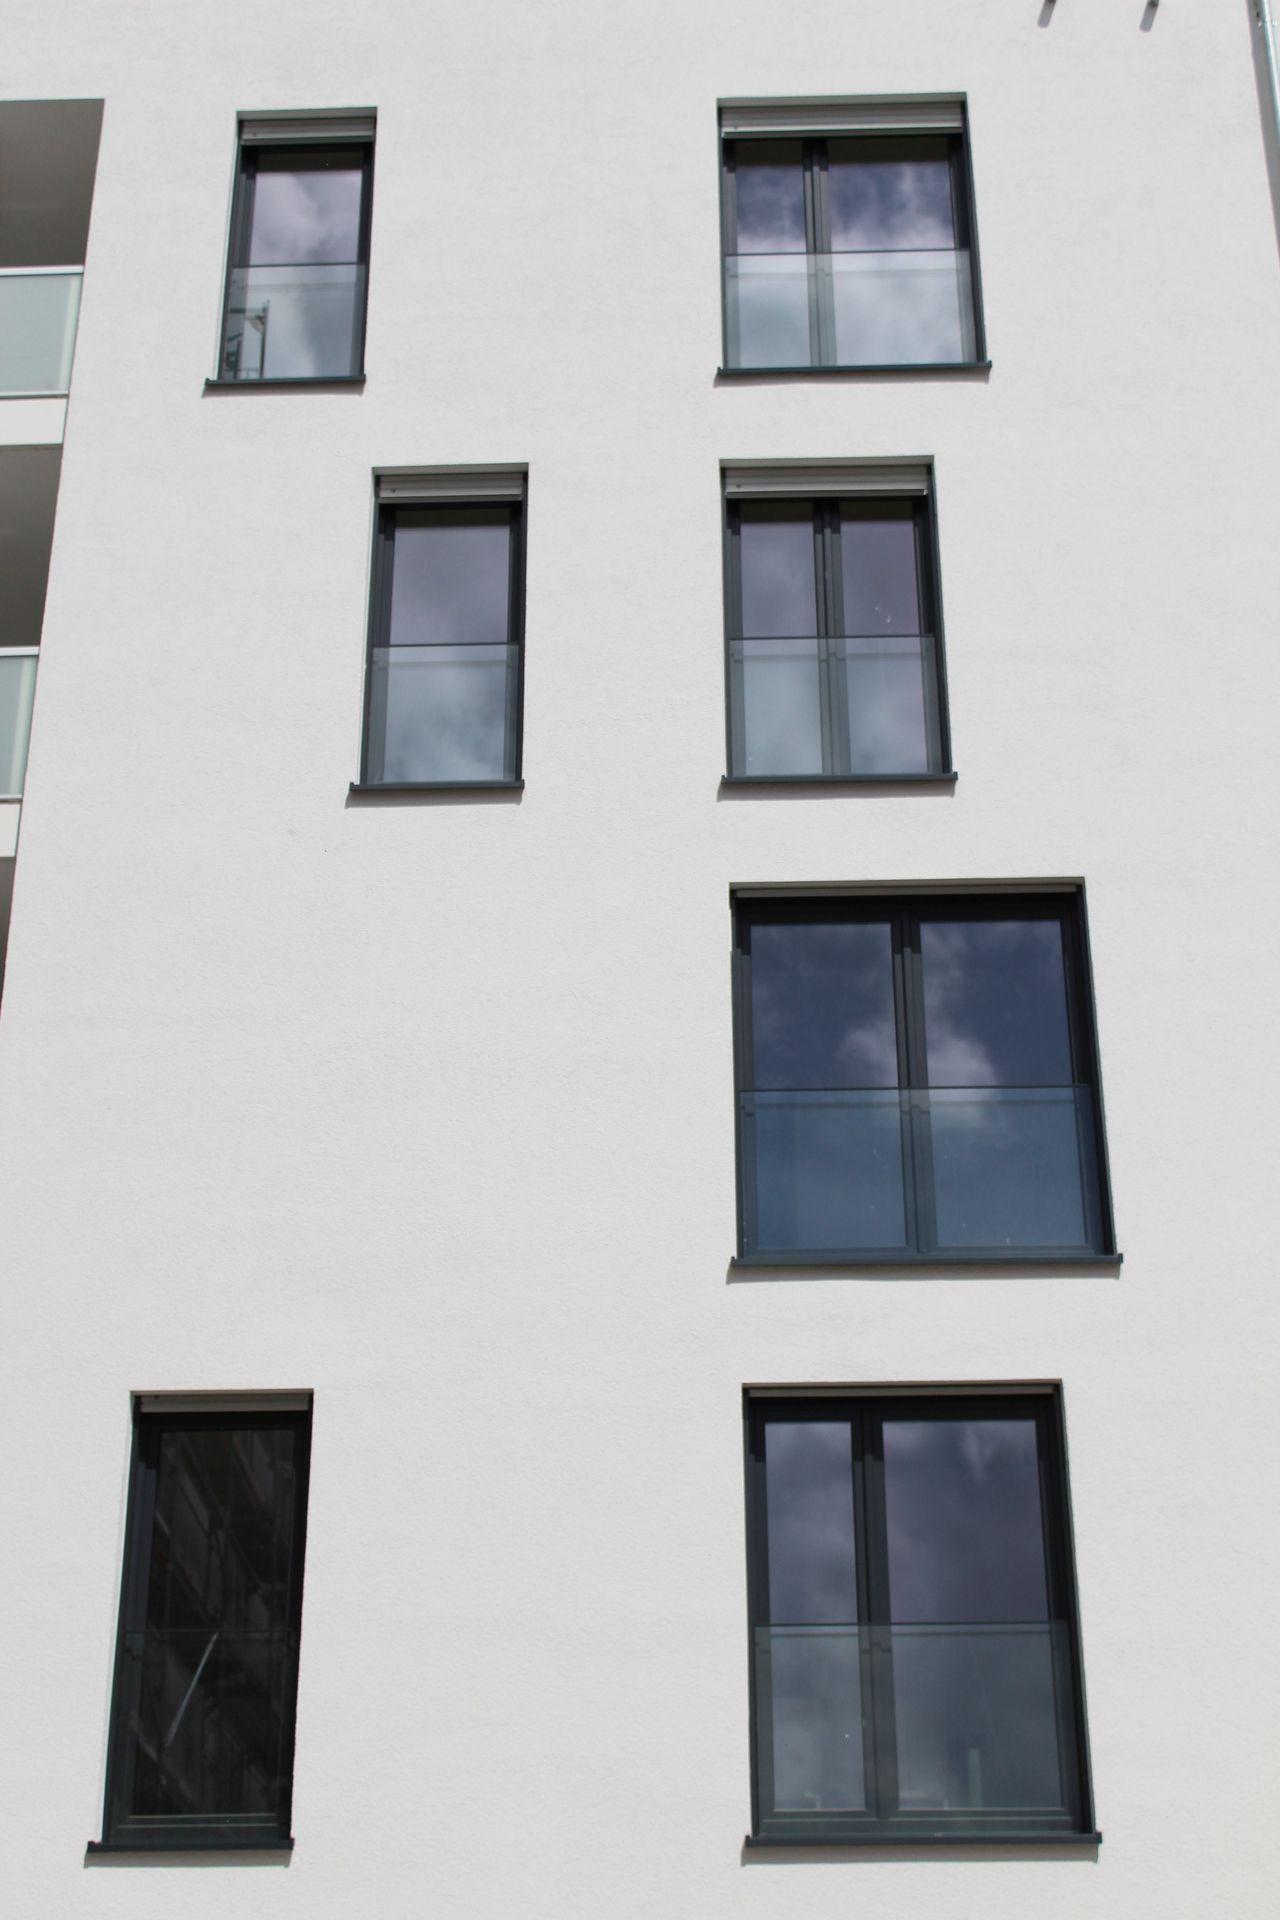 Full Size of Bodentiefe Fenster Alarmanlage Neue Einbauen Polnische Rollo Dampfreiniger Wärmeschutzfolie Einbruchsicher Bauhaus 3 Fach Verglasung Herne Bremen Fenster Bodentiefe Fenster